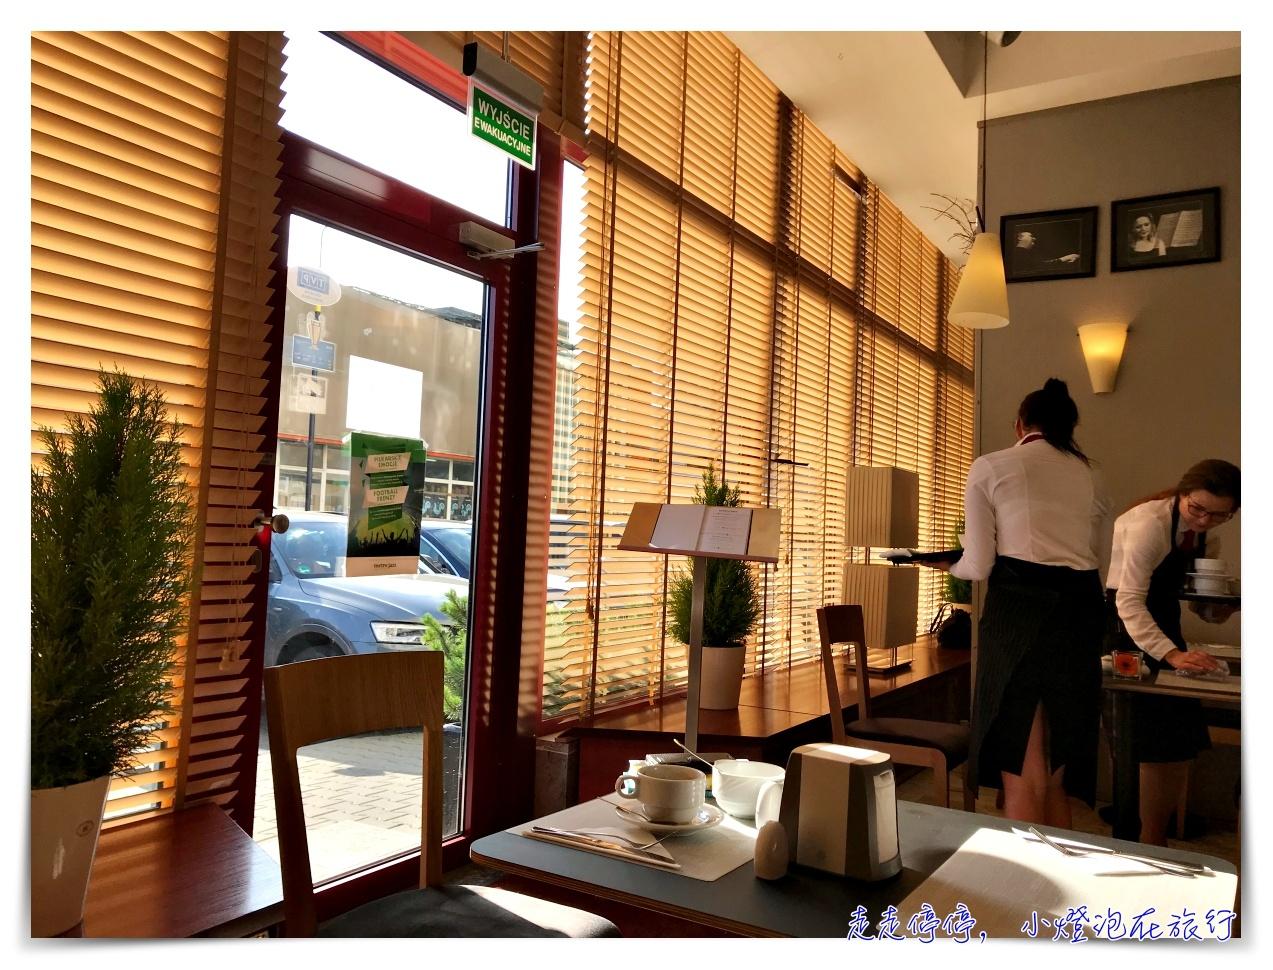 波蘭自助|波蘭華沙大都會飯店Metropol Hotel 住宿紀錄,centrum站旁,方便、服務佳、進出機場車站都方便~